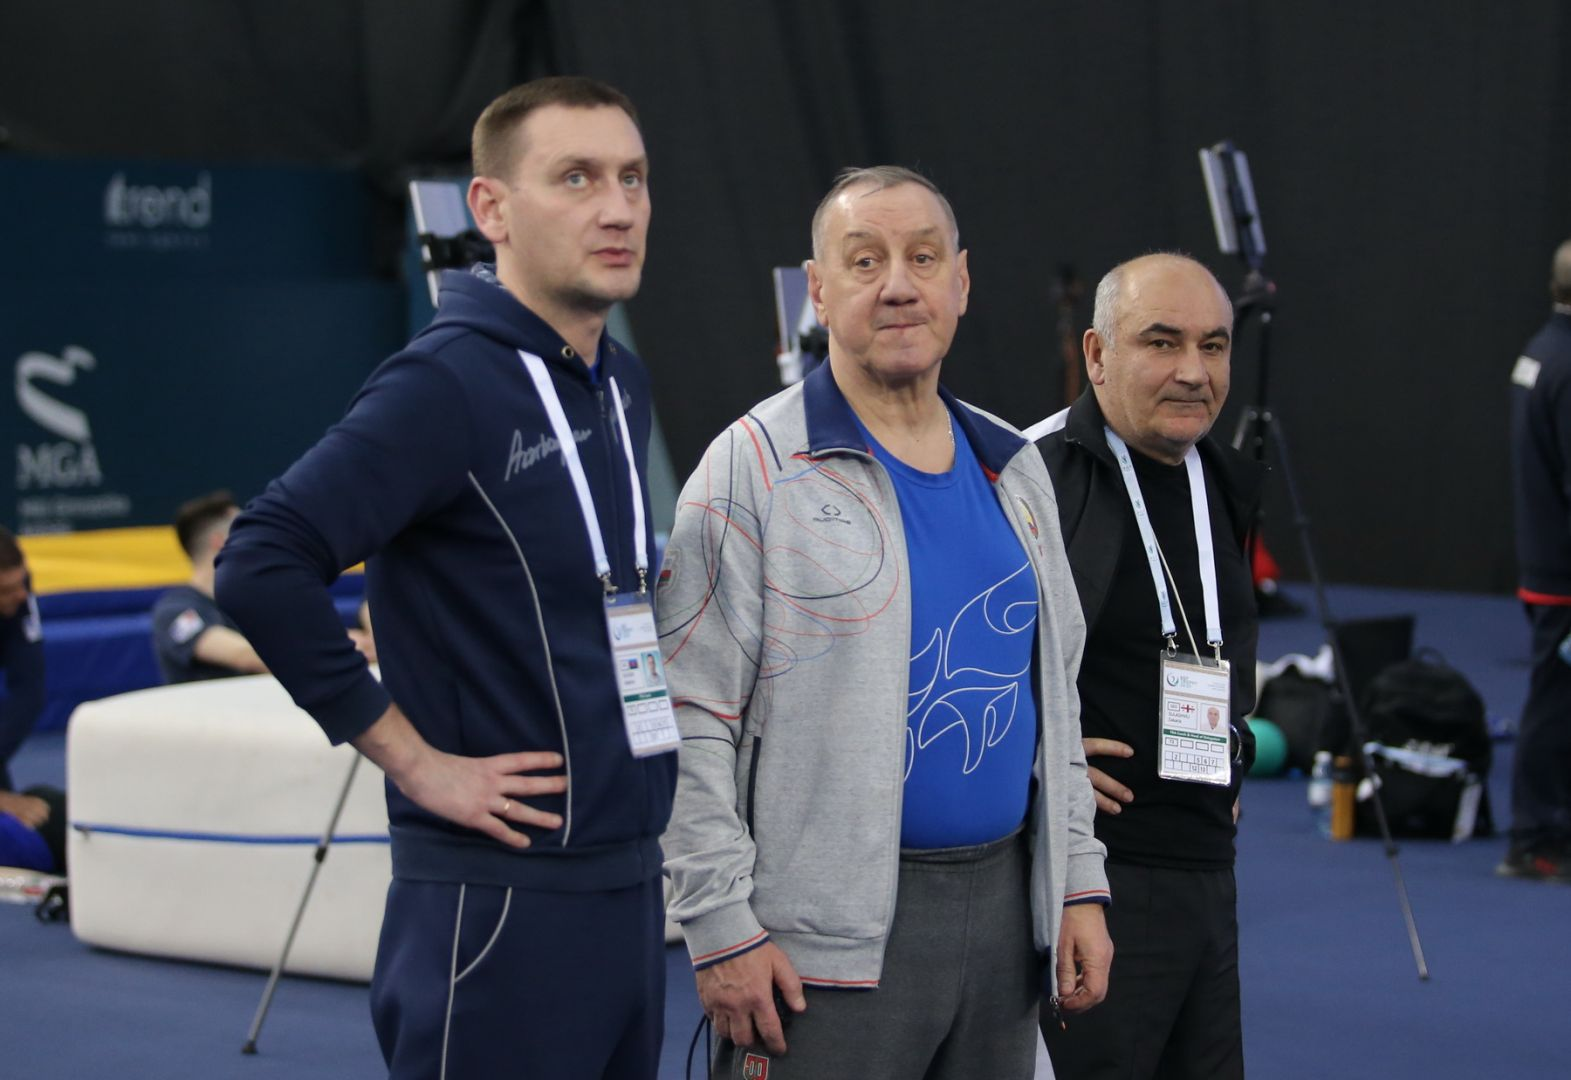 Milli Gimnastika Arenasında batut gimnastikası və tamblinq üzrə Dünya Kubokunun iştirakçılarının podium məşqləri keçirilir (FOTO) - Gallery Image